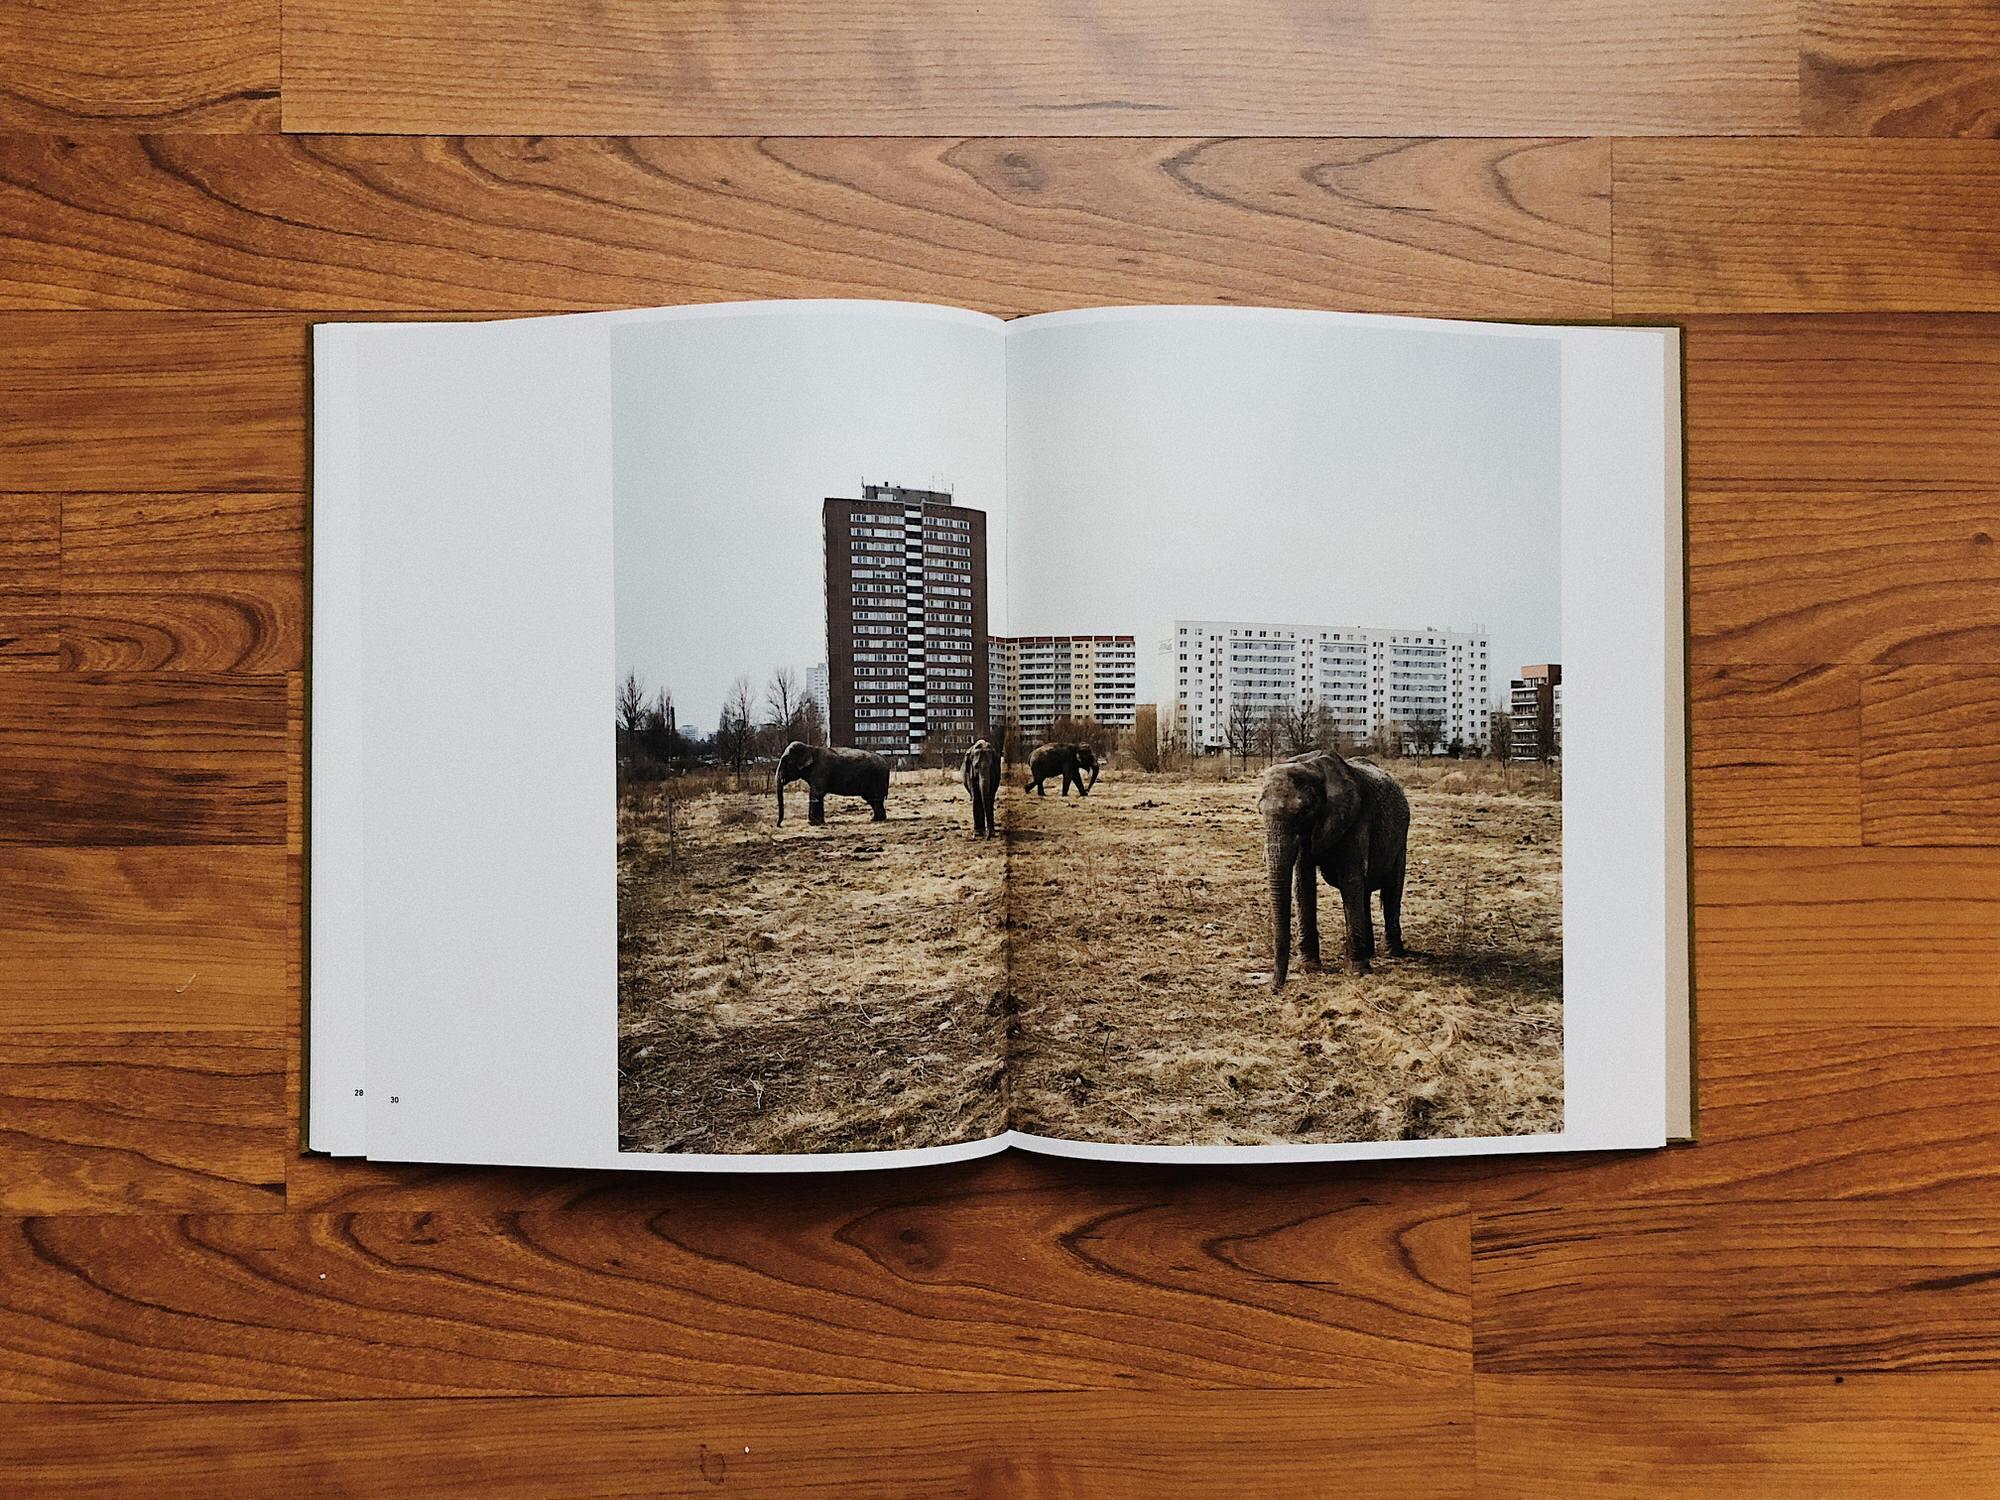 Elephant Photo Berlin Mitch Epstein